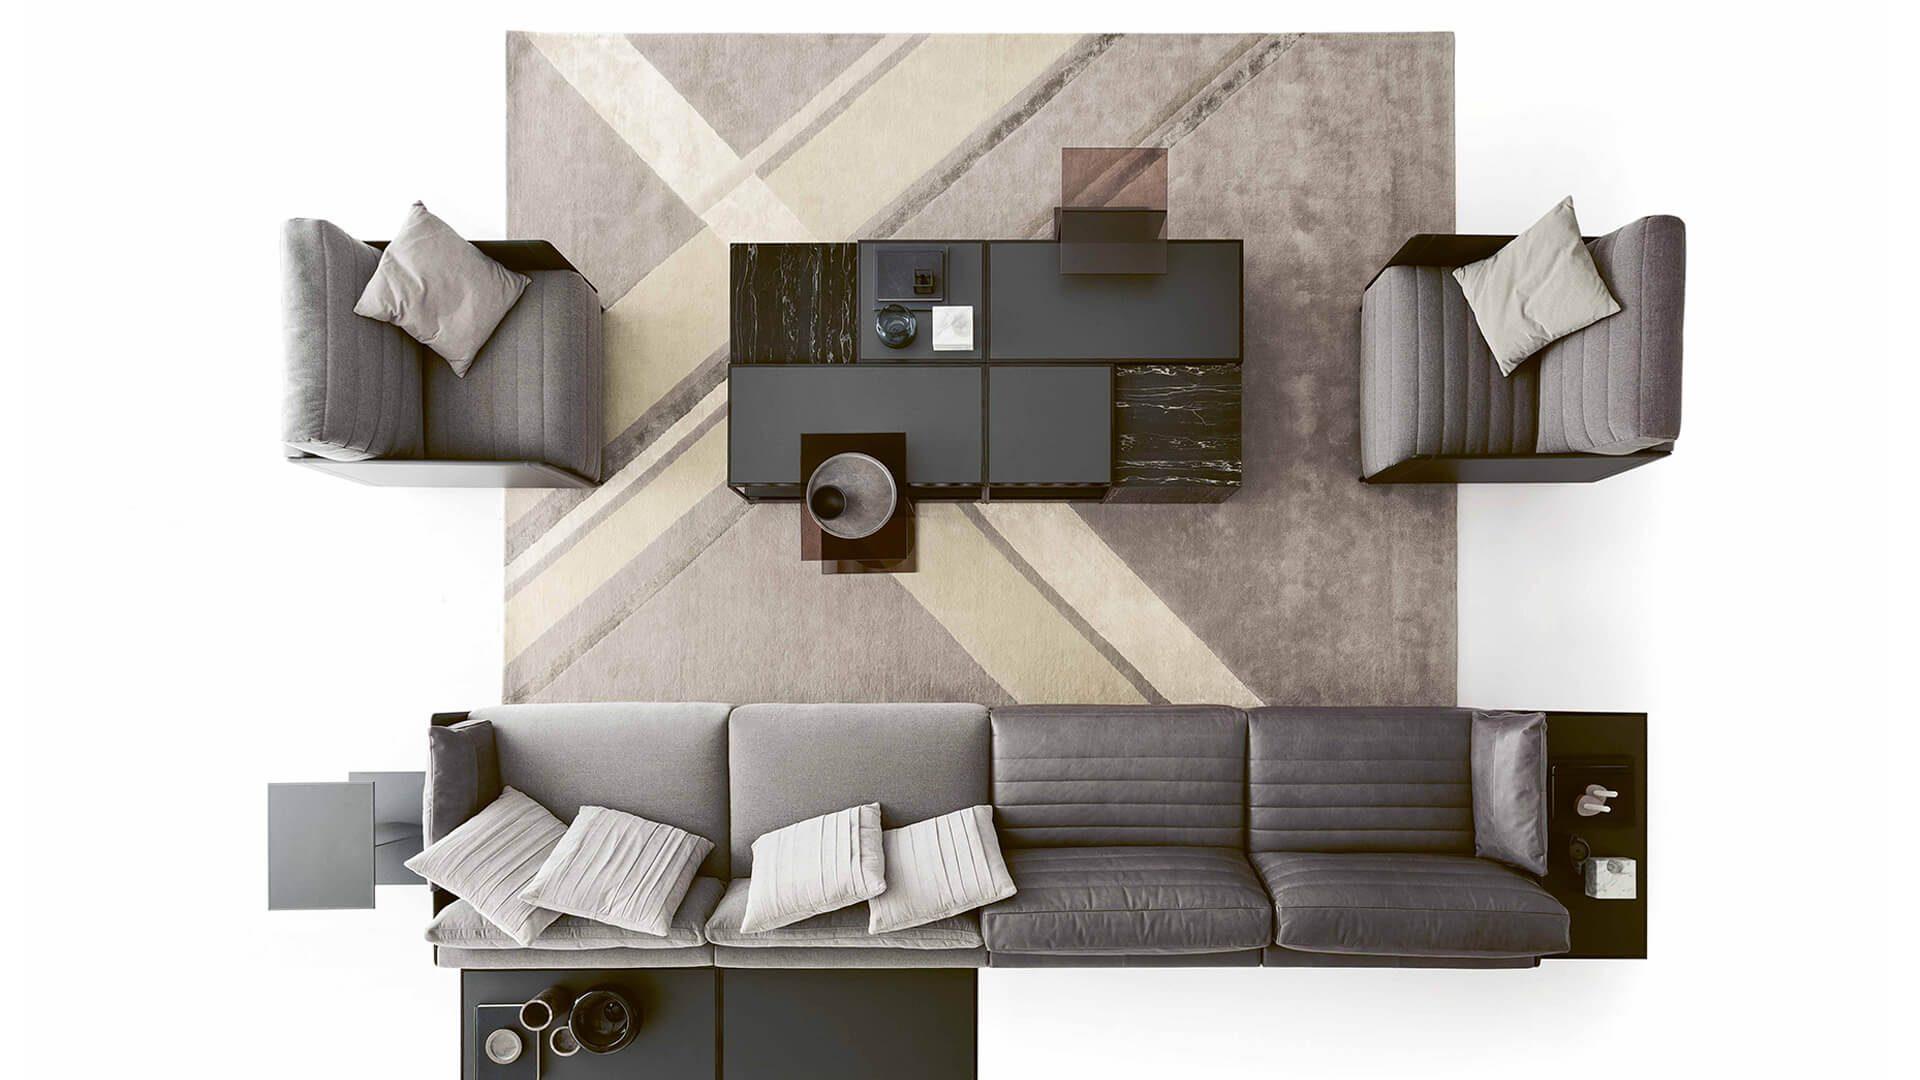 Entzuckend Ditre Italia U2013 Herstellung Von Couchs, Betten, Sesseln Und Sofas